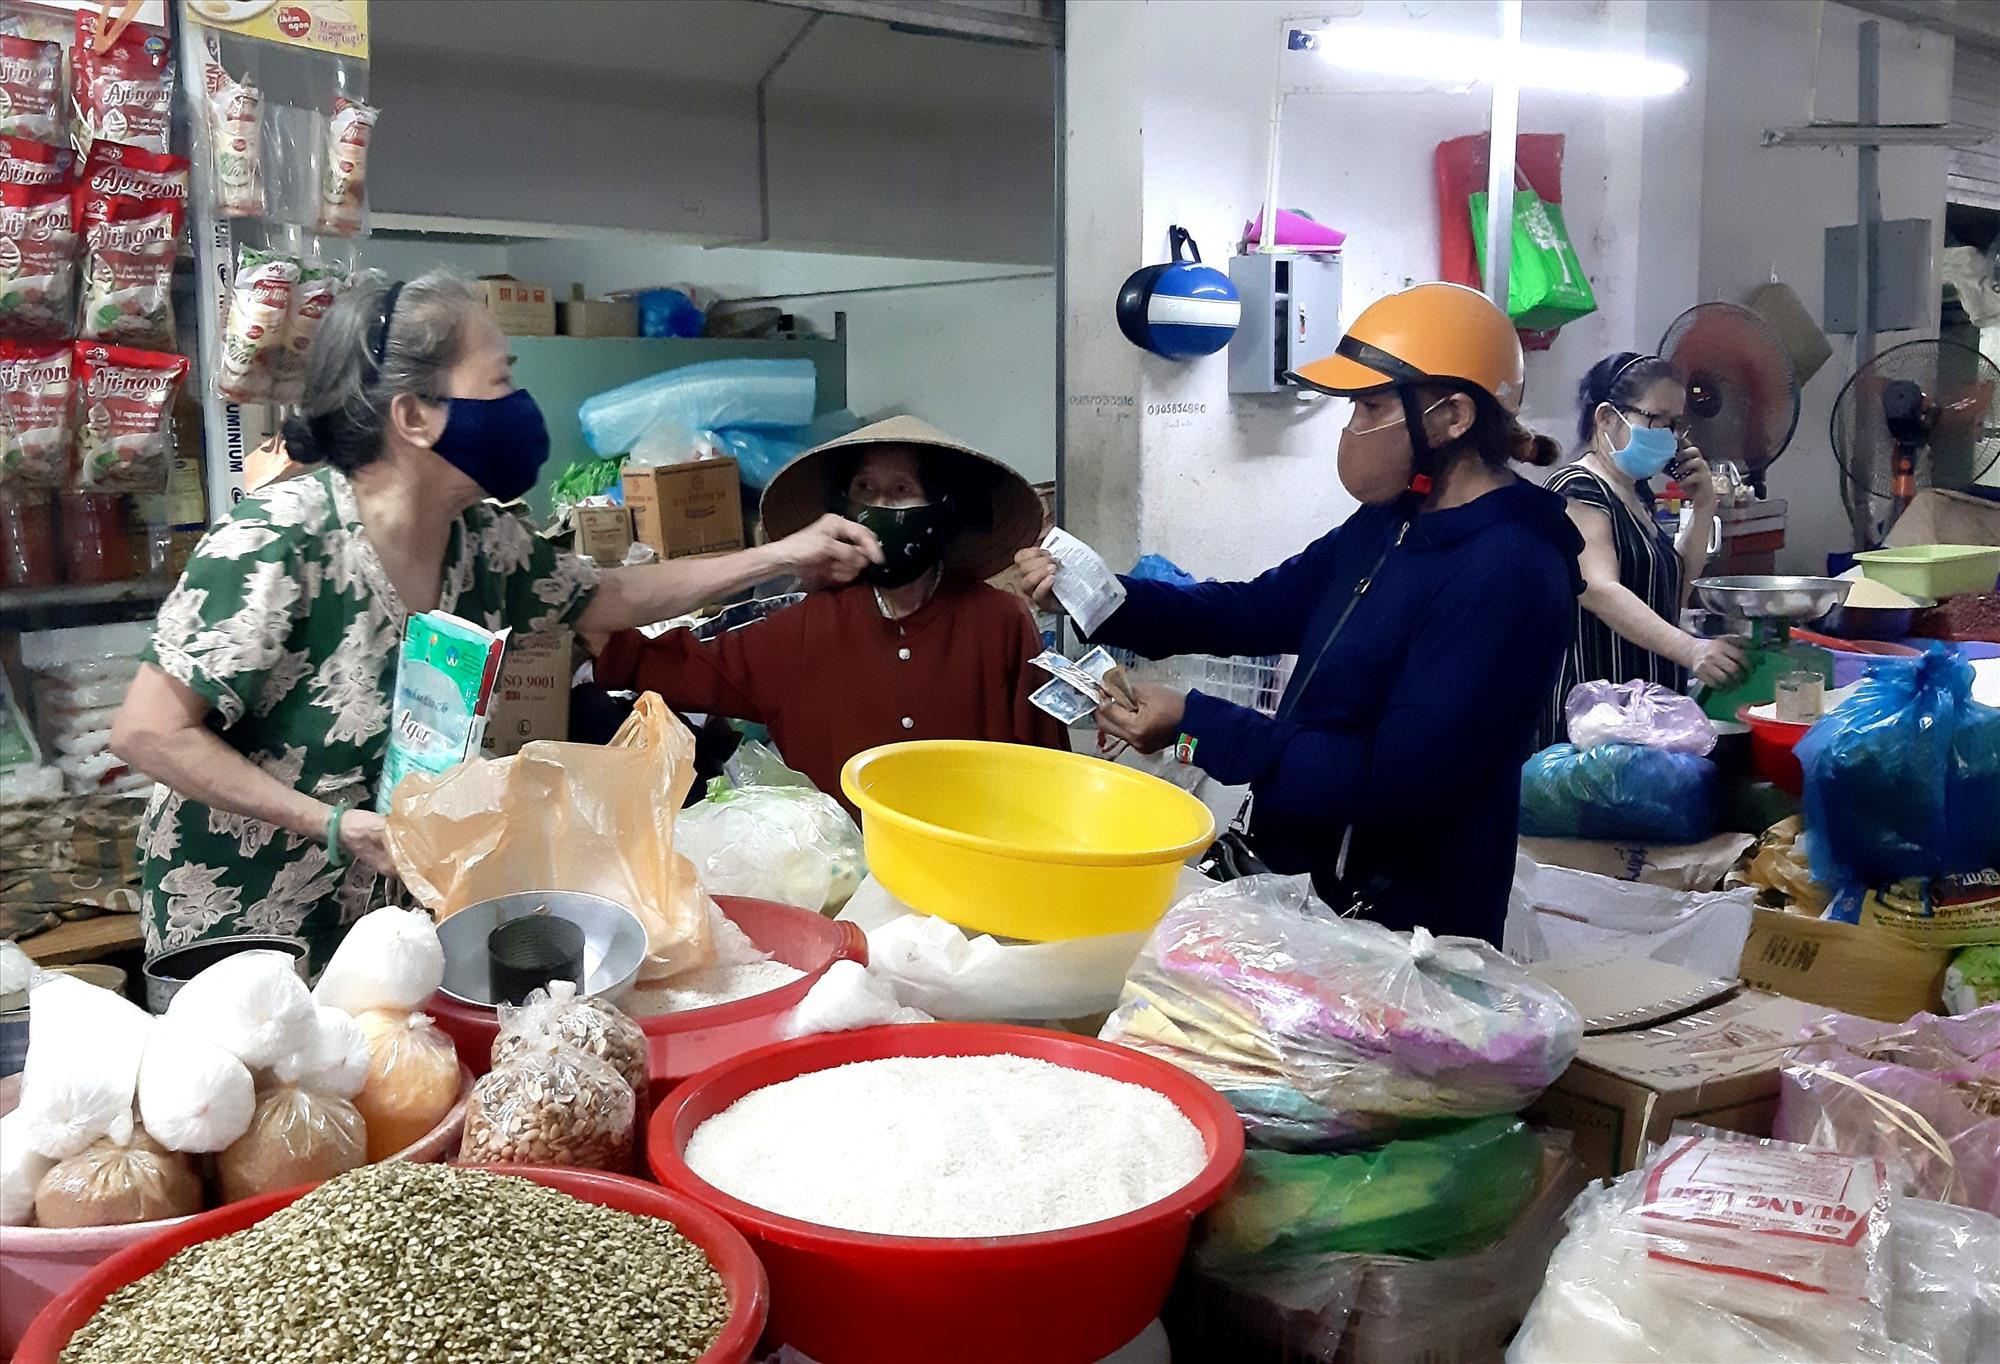 Người dân mua sắm hàng thiết yếu ở chợ Tam Kỳ. Ảnh: VIỆT NGUYỄN